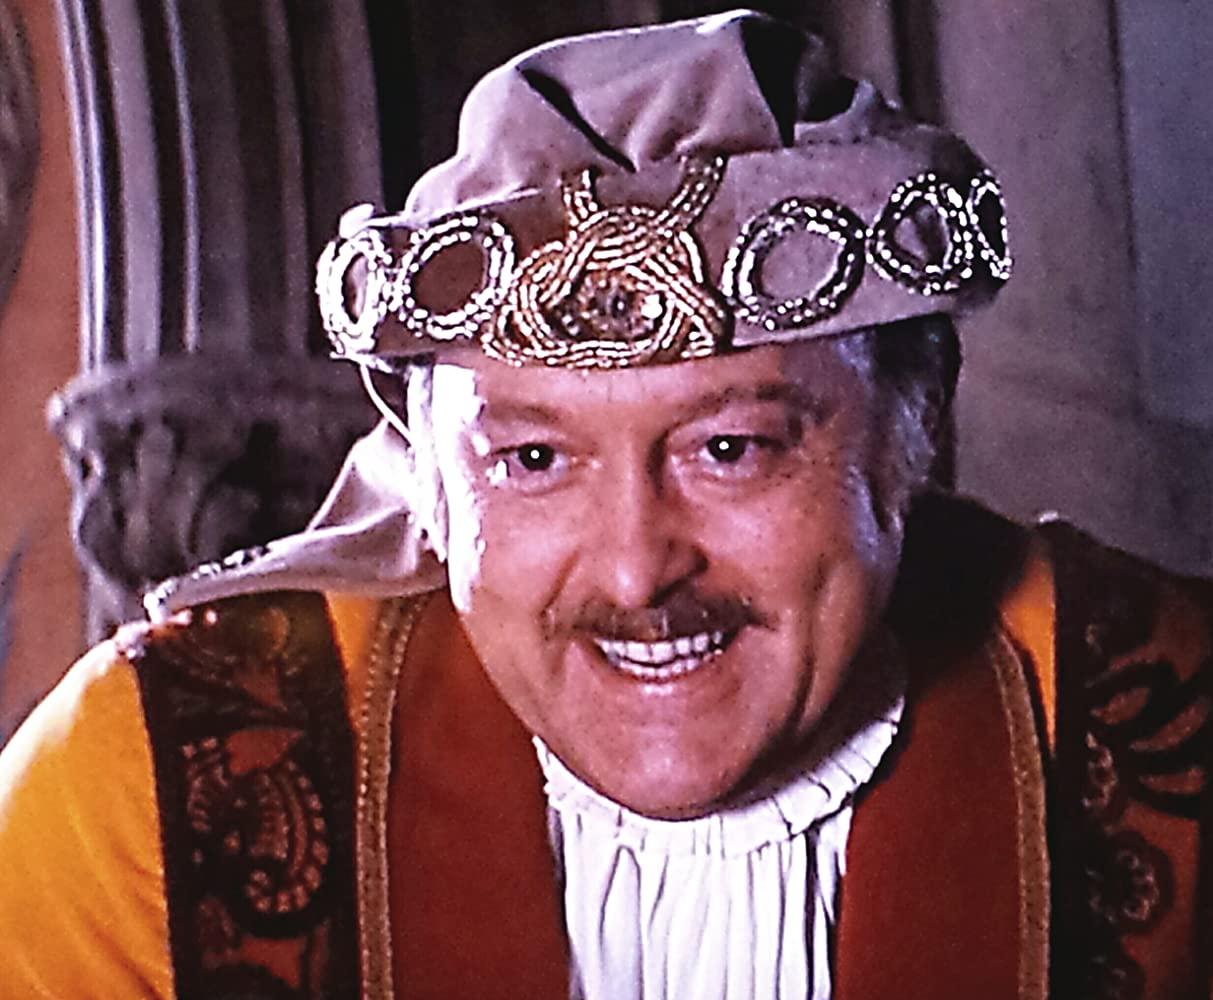 Medieval Knight (1973)